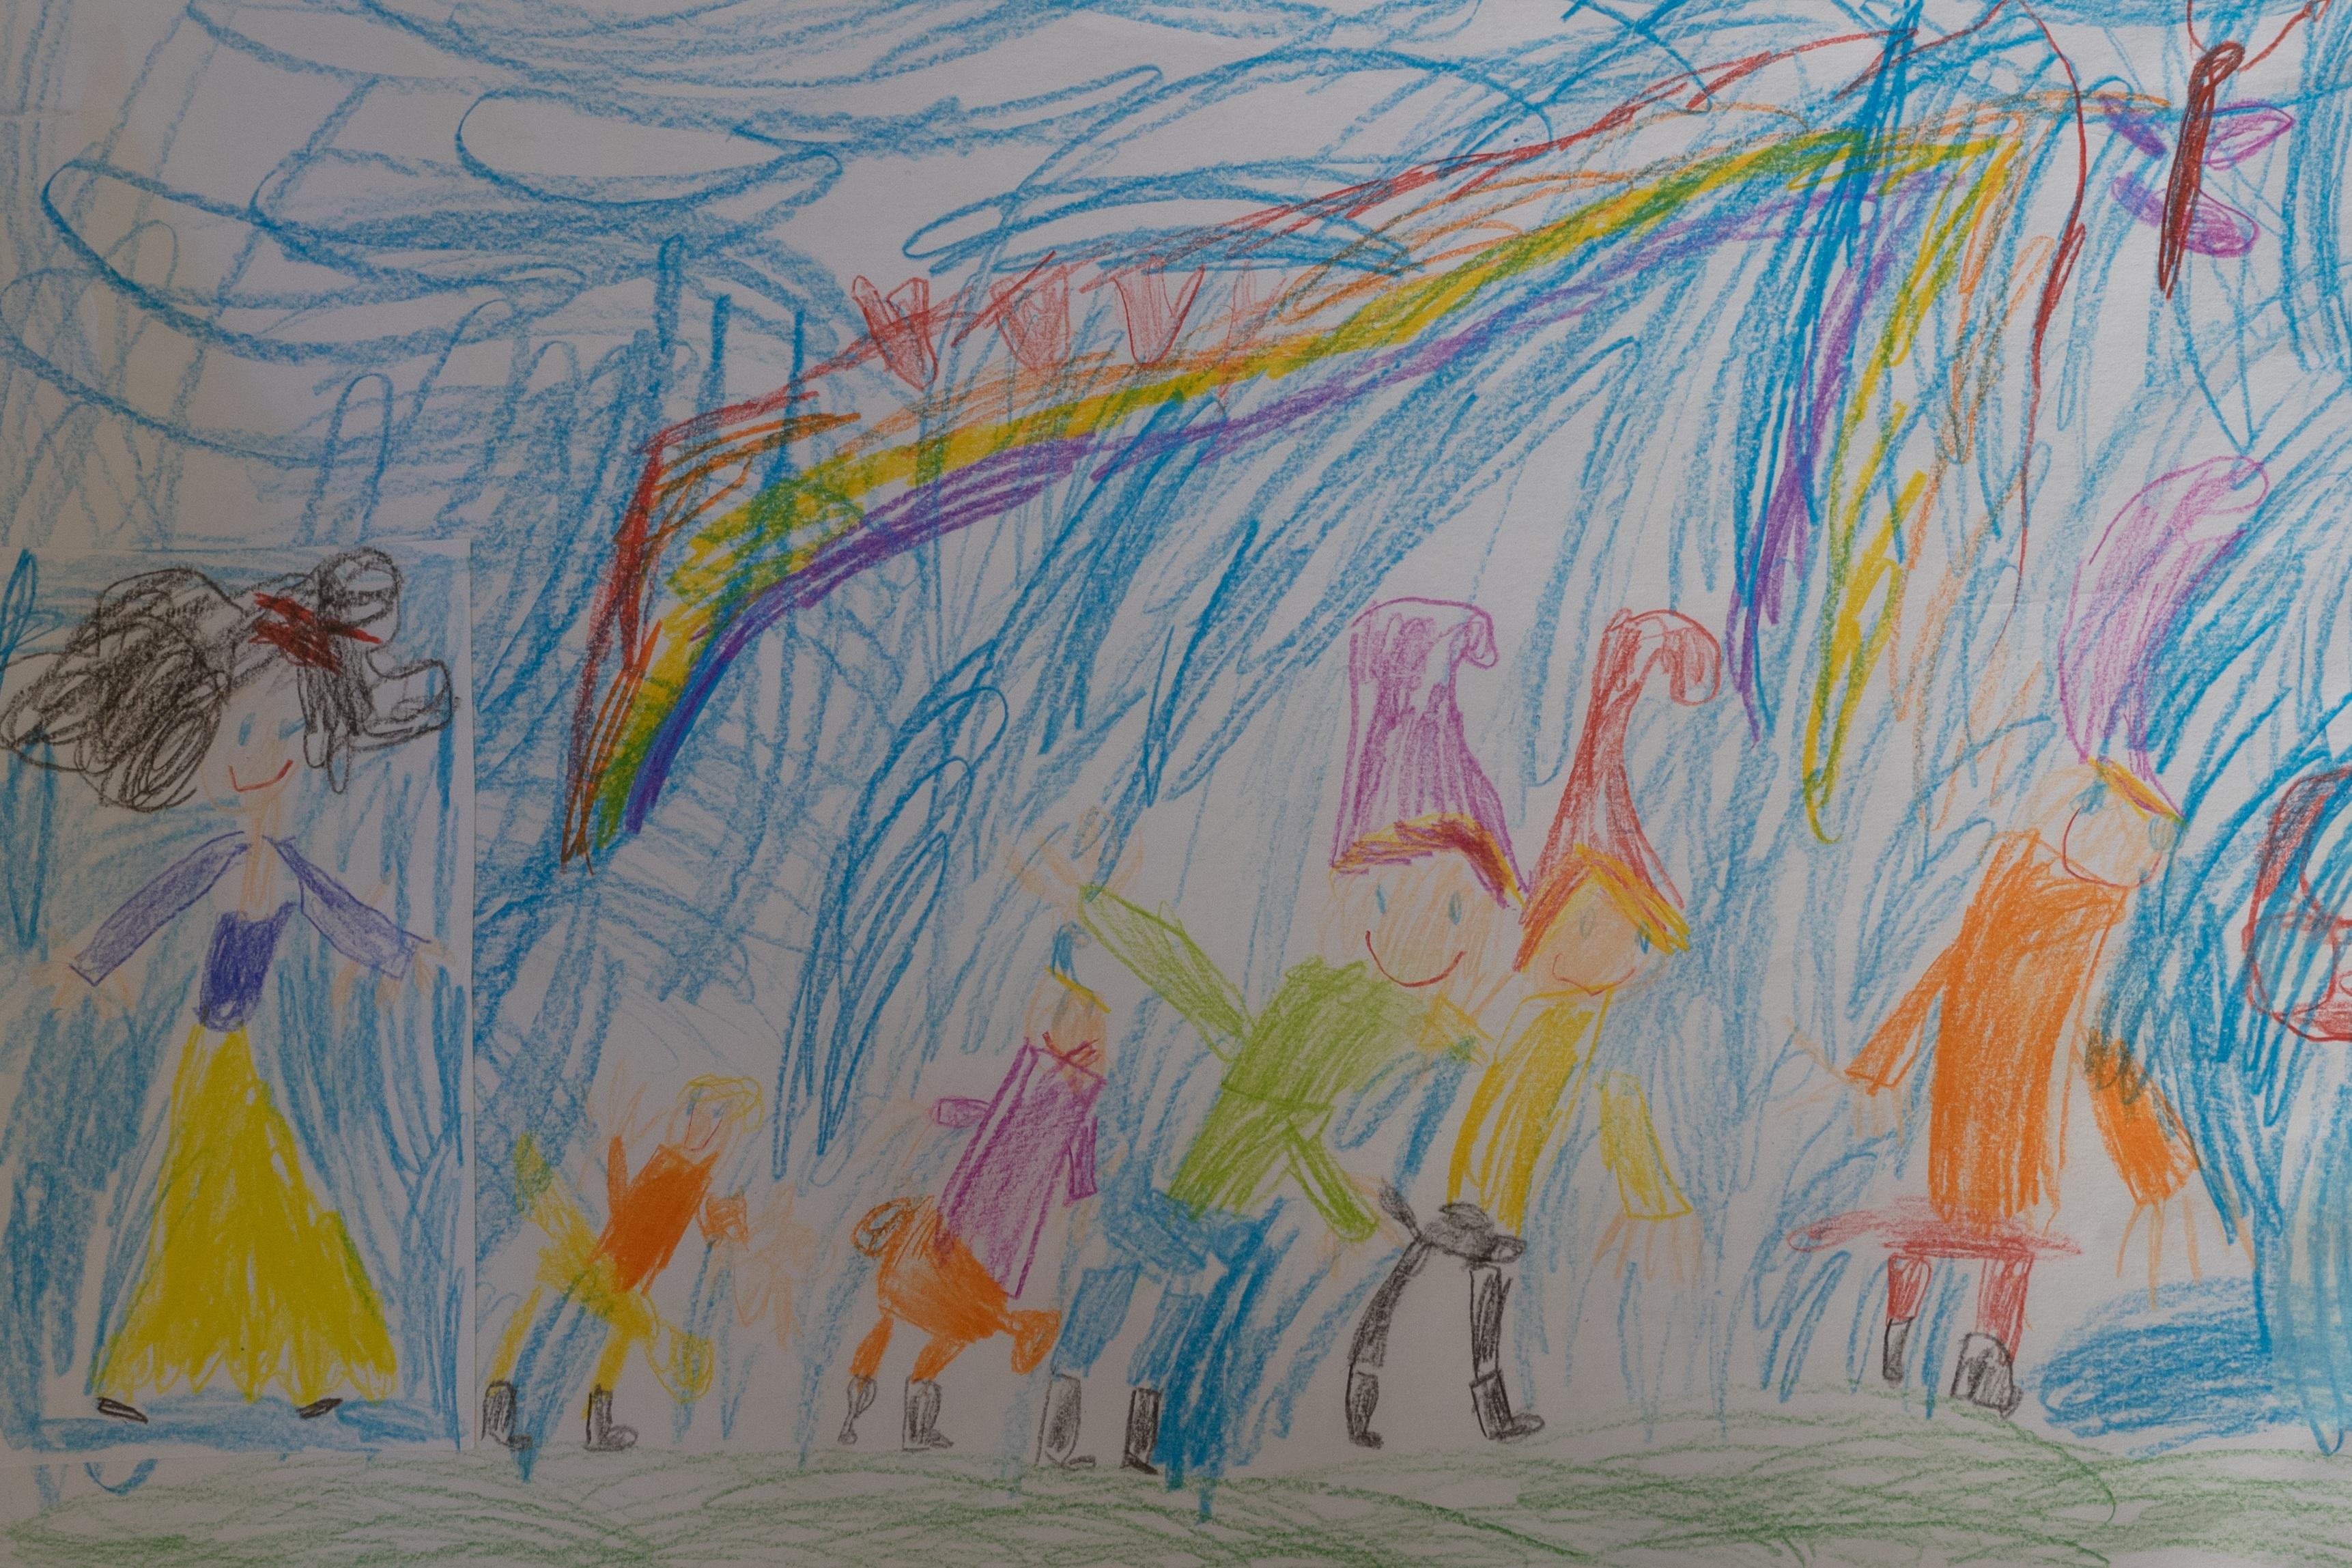 Gambar Warna Sketsa Ilustrasi Lukisan Dinding Taman